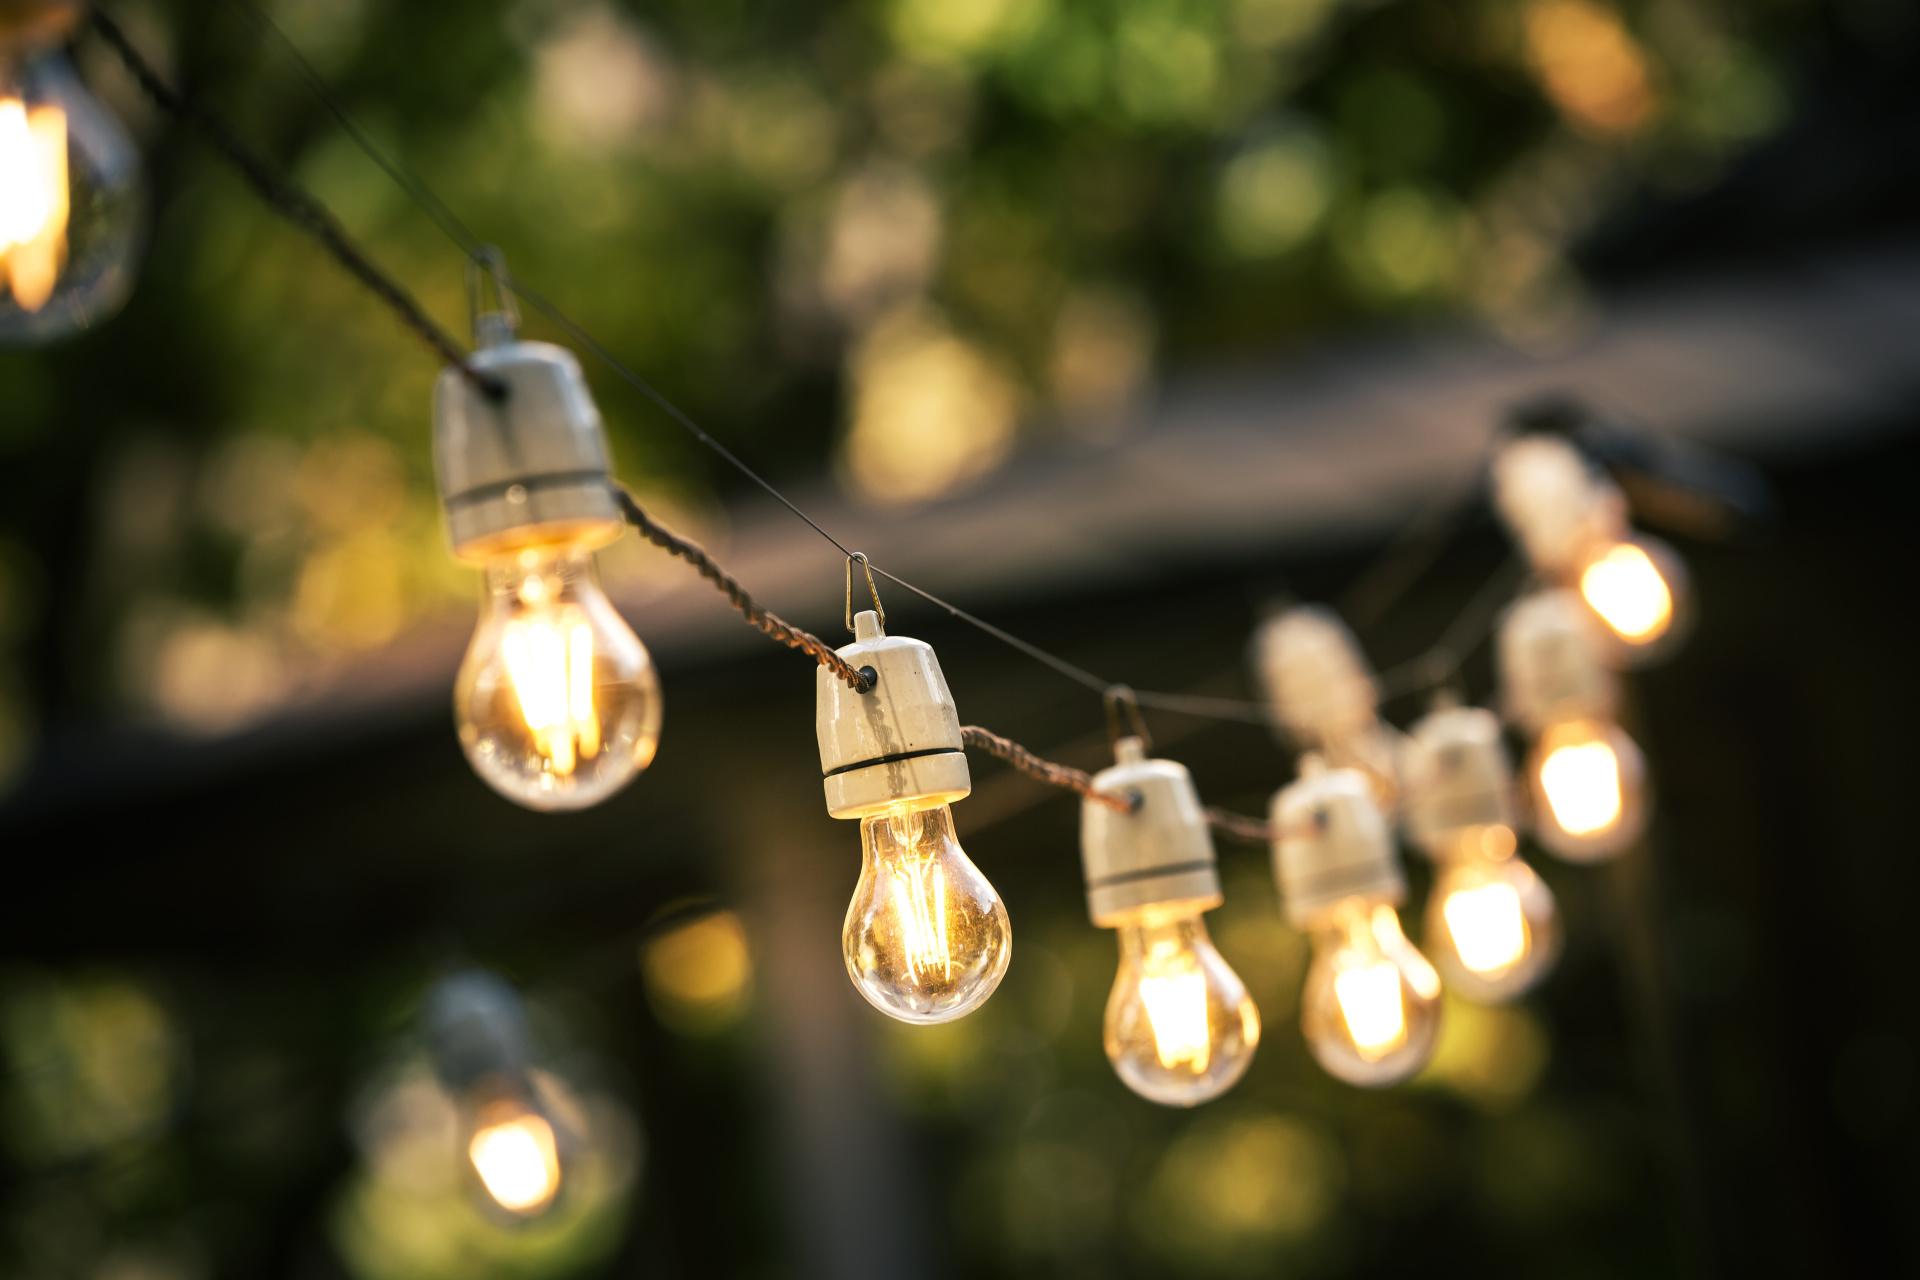 Outdoor Lighting, Cafe Lights, Landscape Lighting